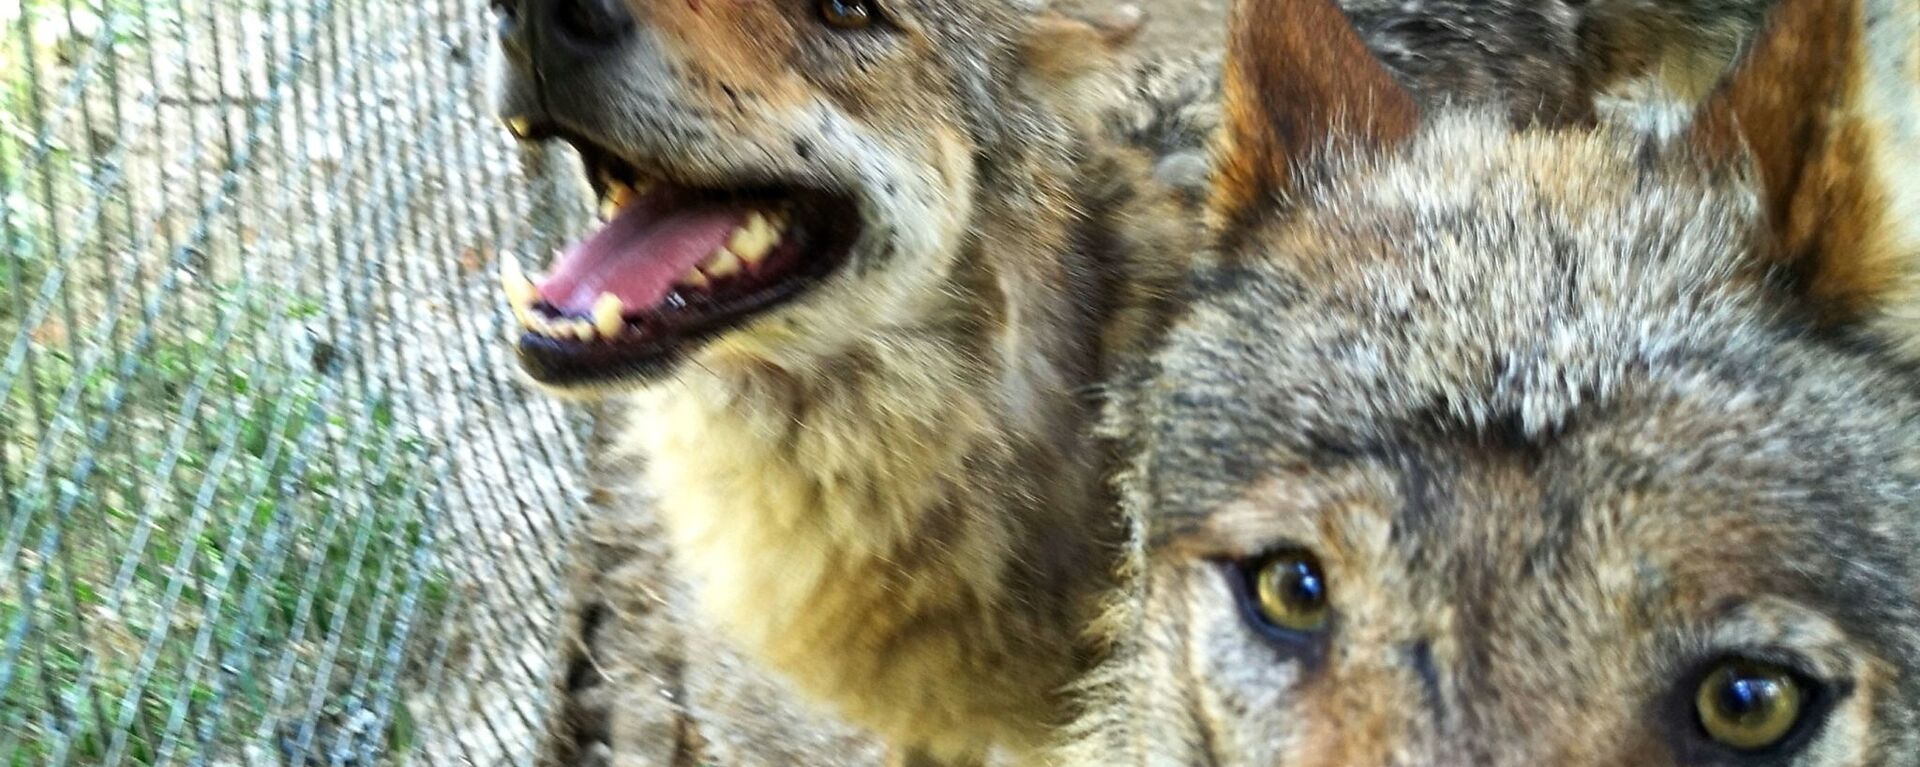 Волки в мини-зоопарке Кекавиняс личи Игоря Малинаускаса - Sputnik Латвия, 1920, 17.06.2021